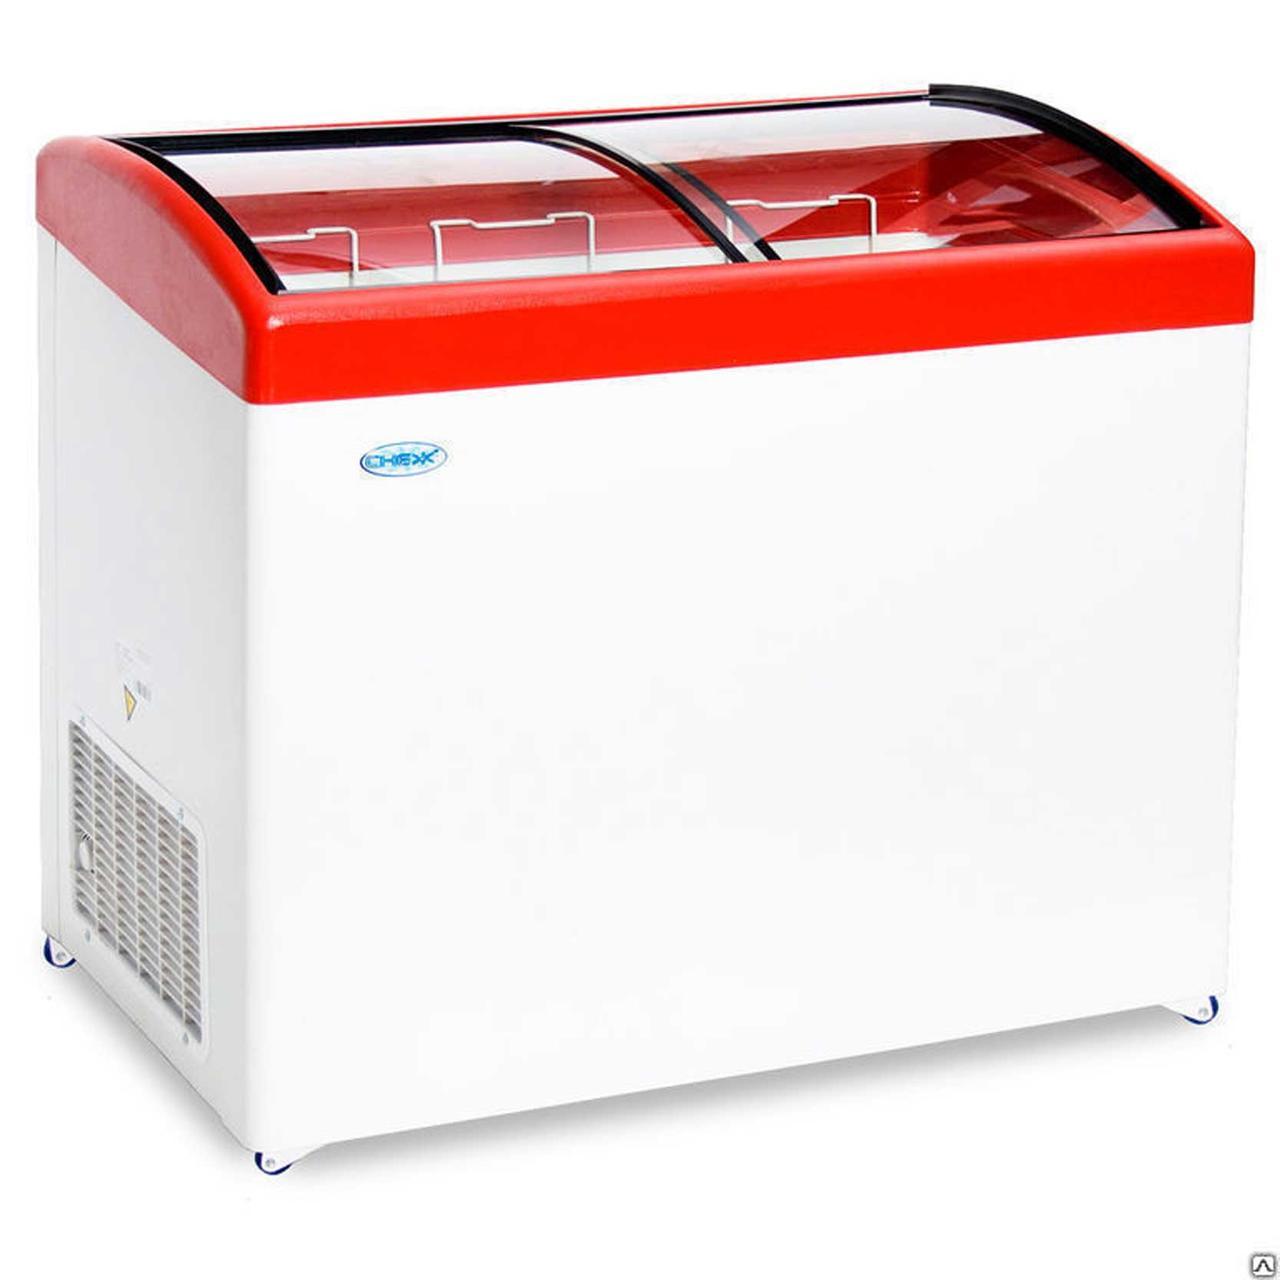 Ларь морозильный Снеж МЛГ-350 красный